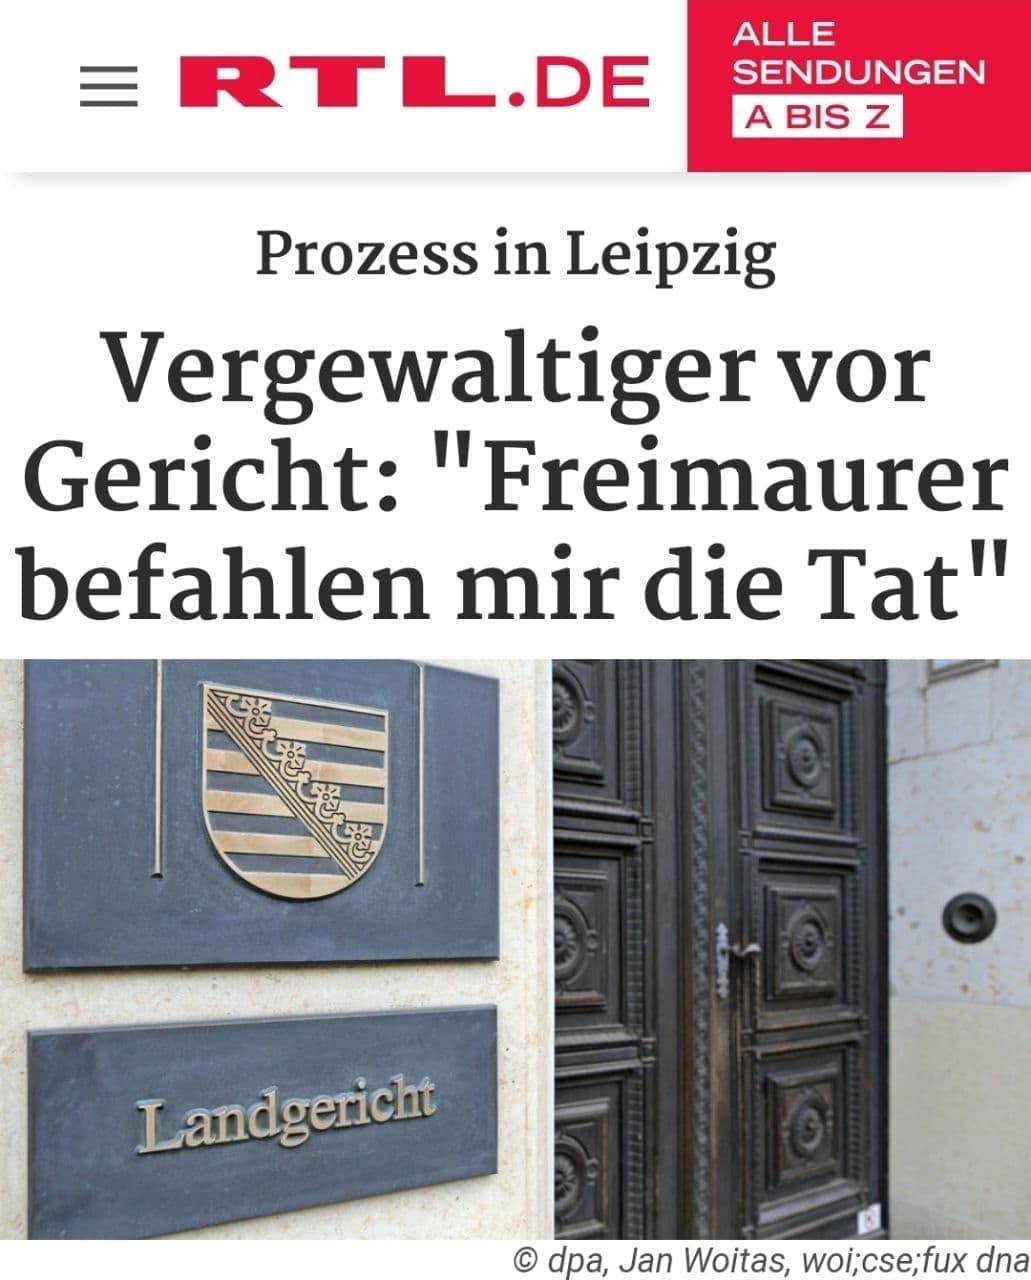 Pädophilie Freimaurer: Alles kommt in kleinem kleinen Schritten ans Licht der Wahrheit...(Leipzig)